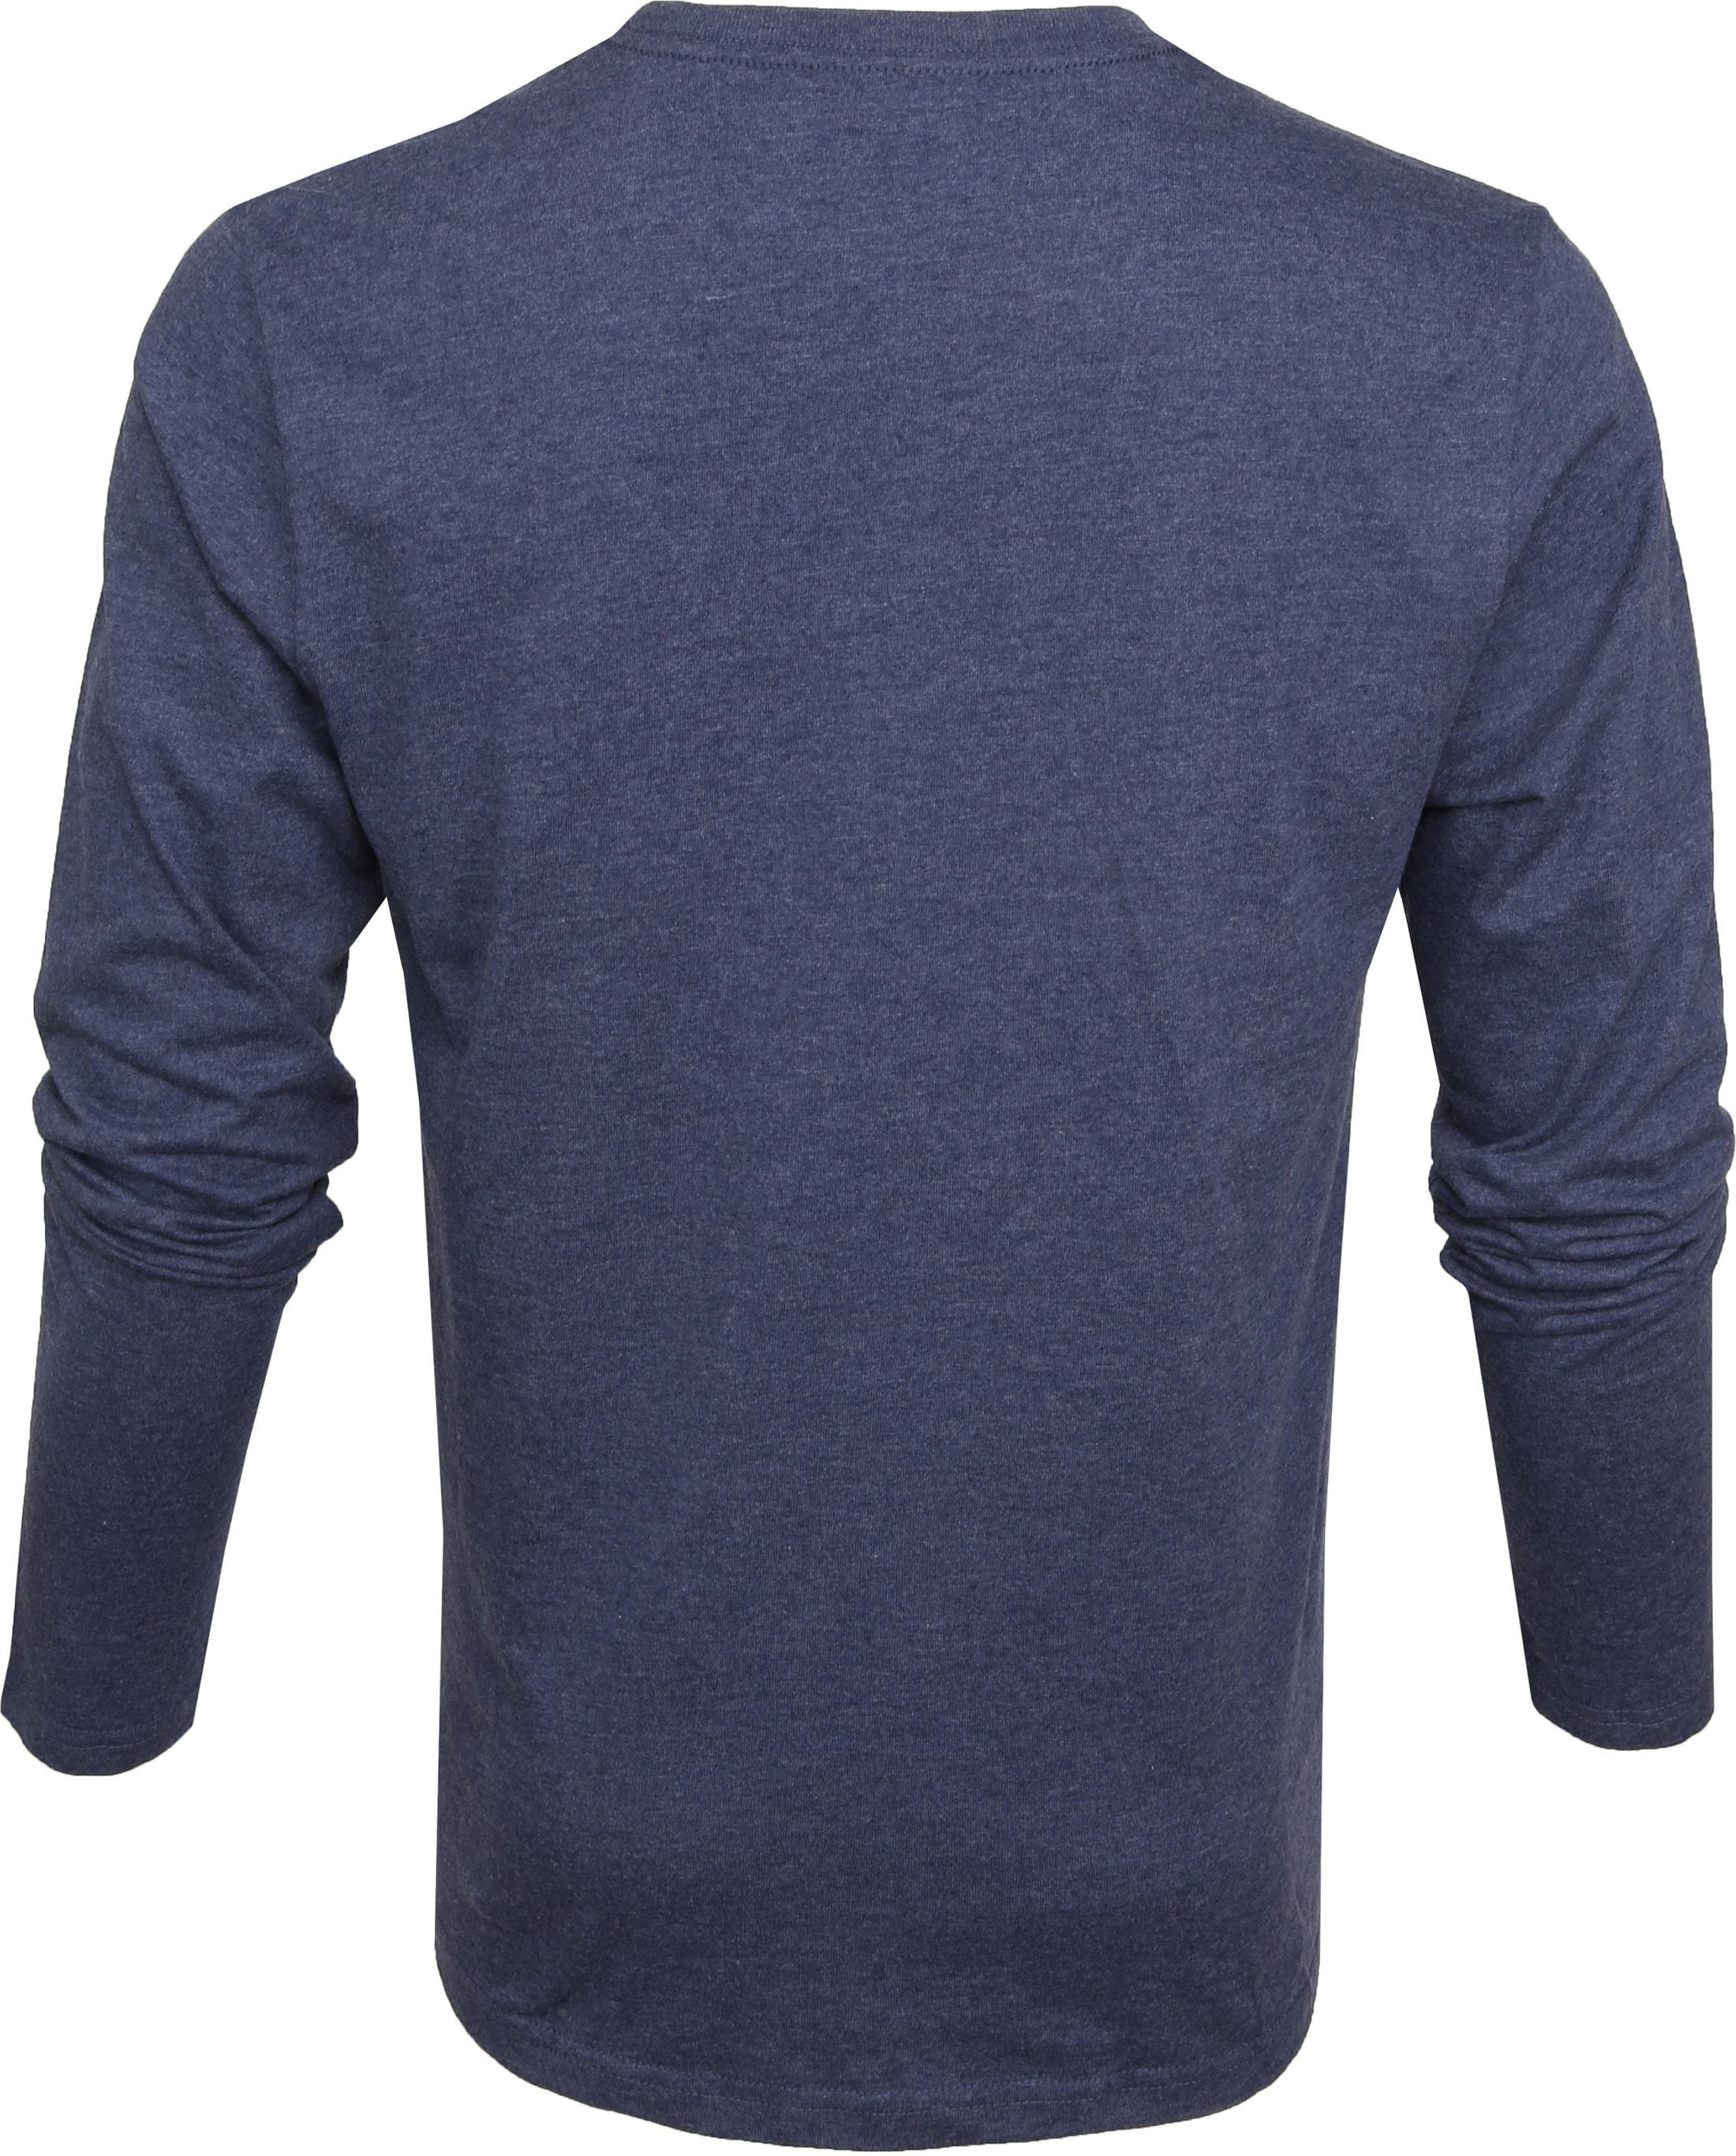 IZOD T-shirt LS Logo Blue foto 3